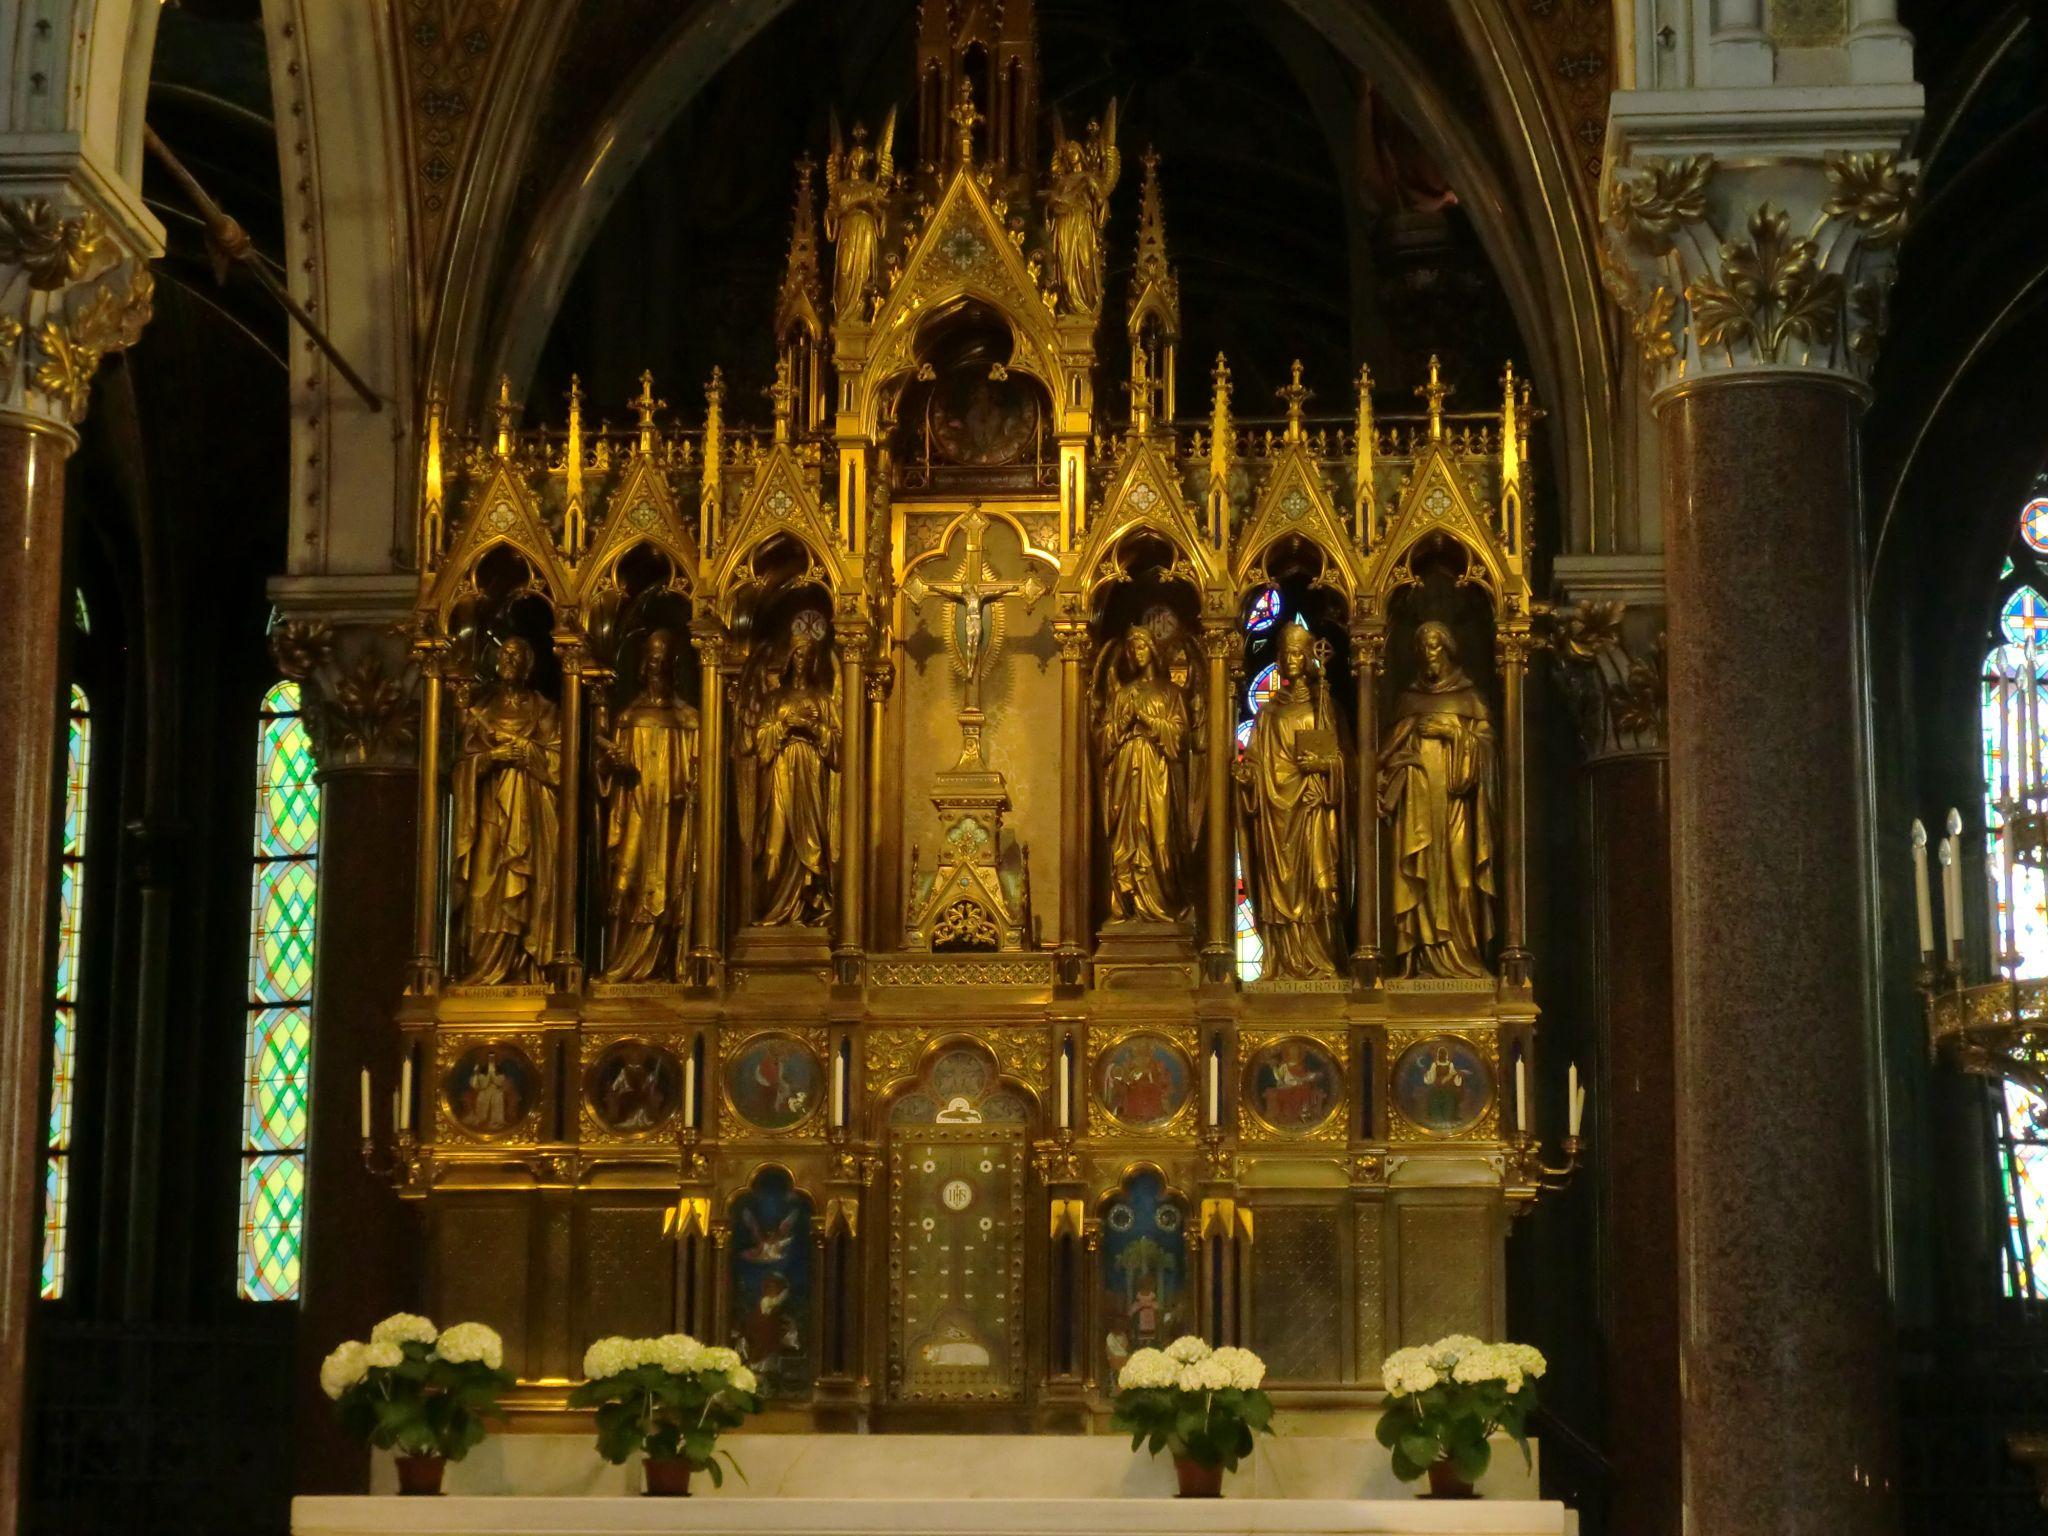 Vienna cathedral 19 1440x1080 - Vienna: elegant beauty